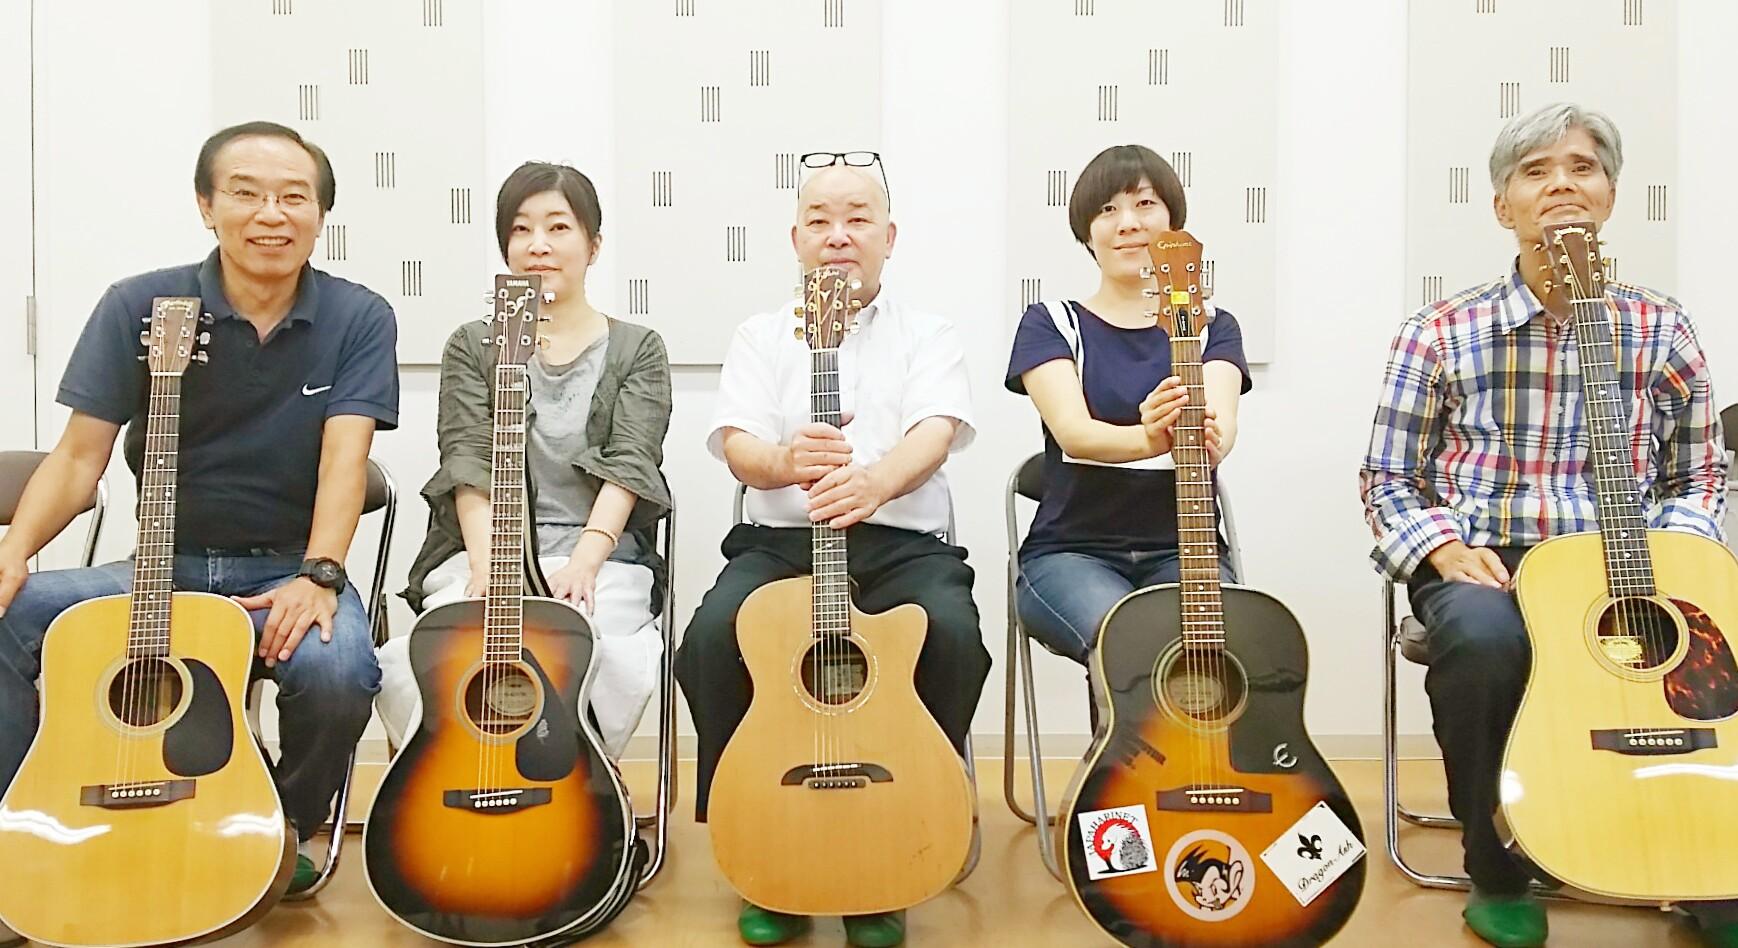 体験:まる先生のフォークギター・1日体験教室